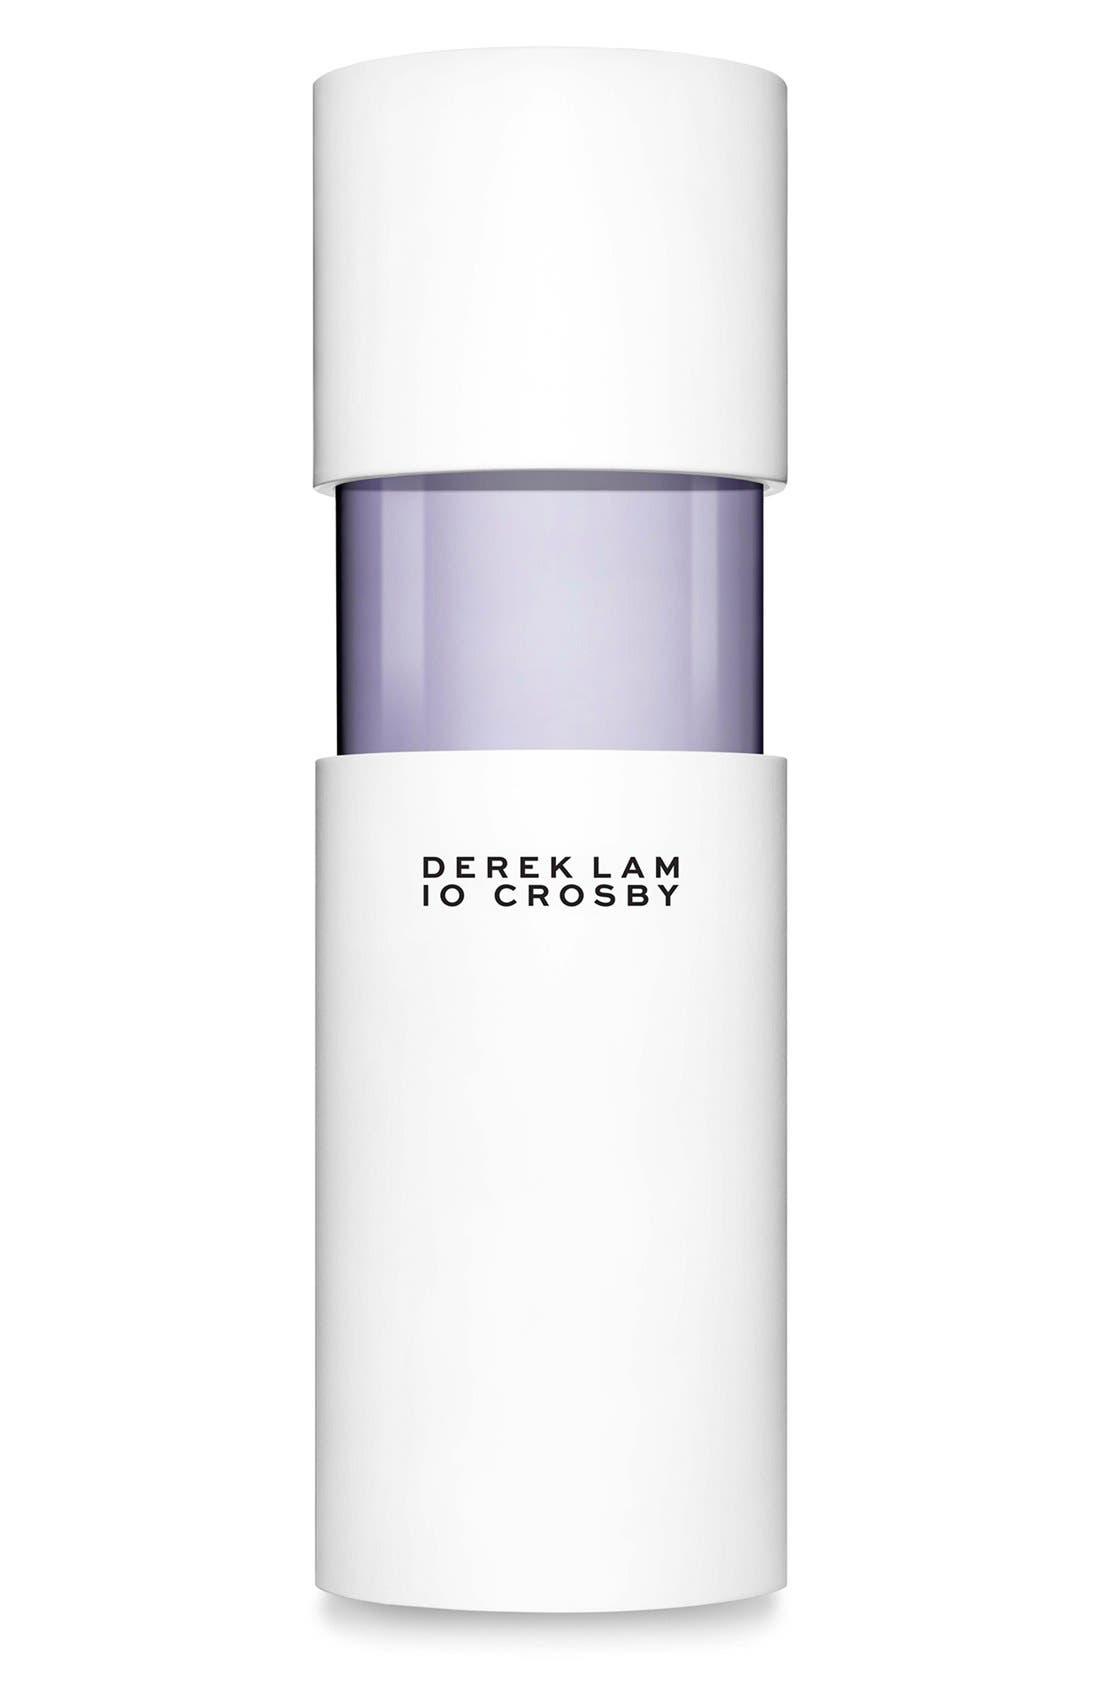 Derek Lam 10 Crosby 'Hi Fi' Eau de Parfum